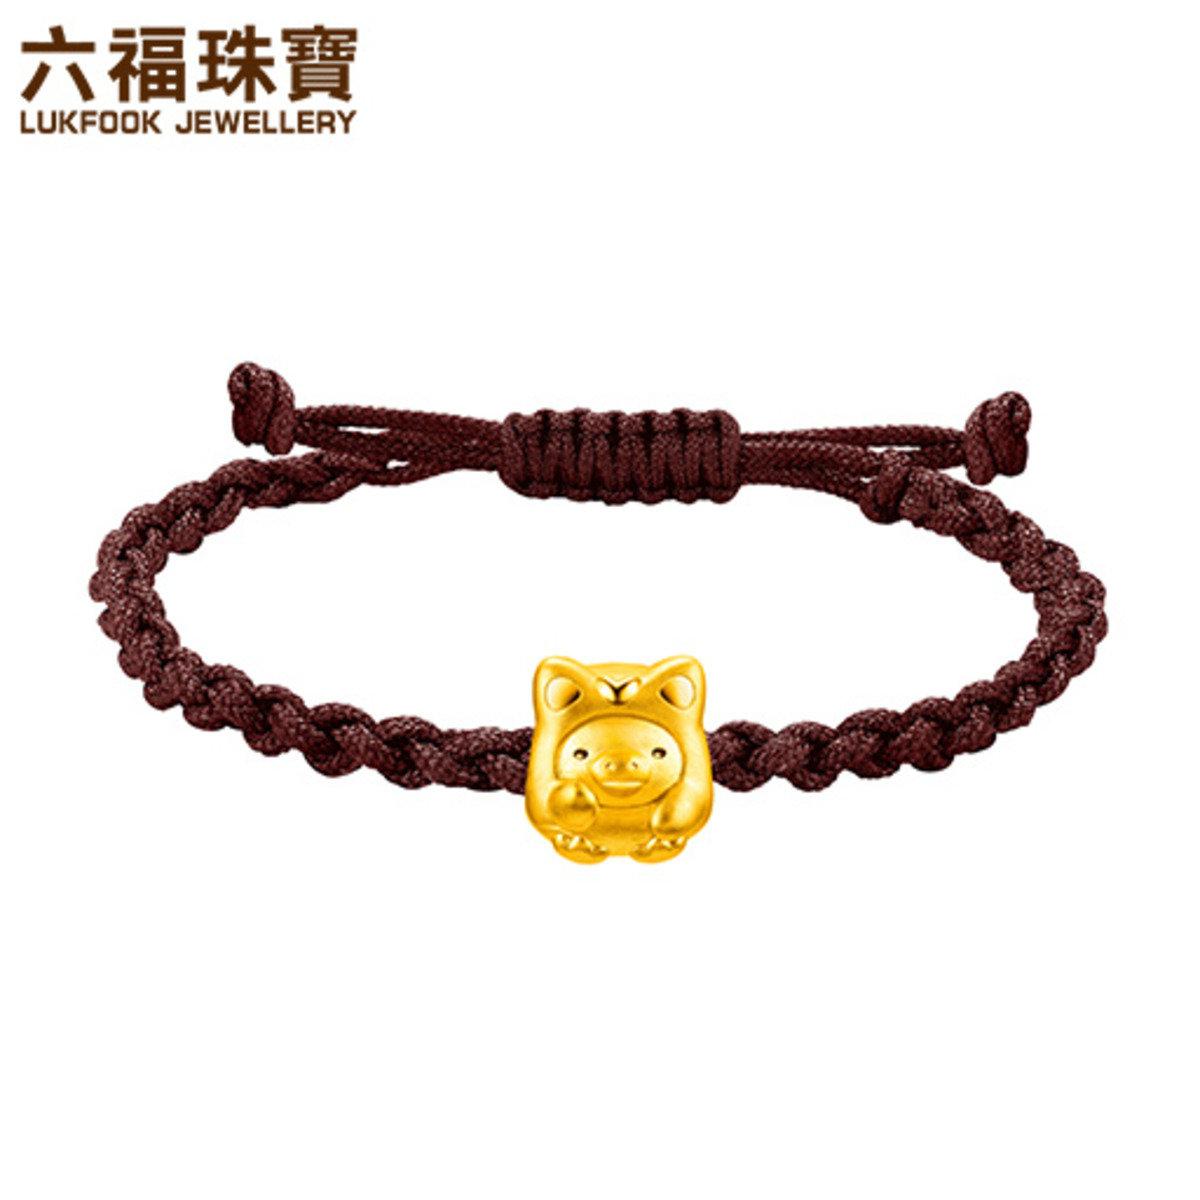 小雞招財造型黃金手繩